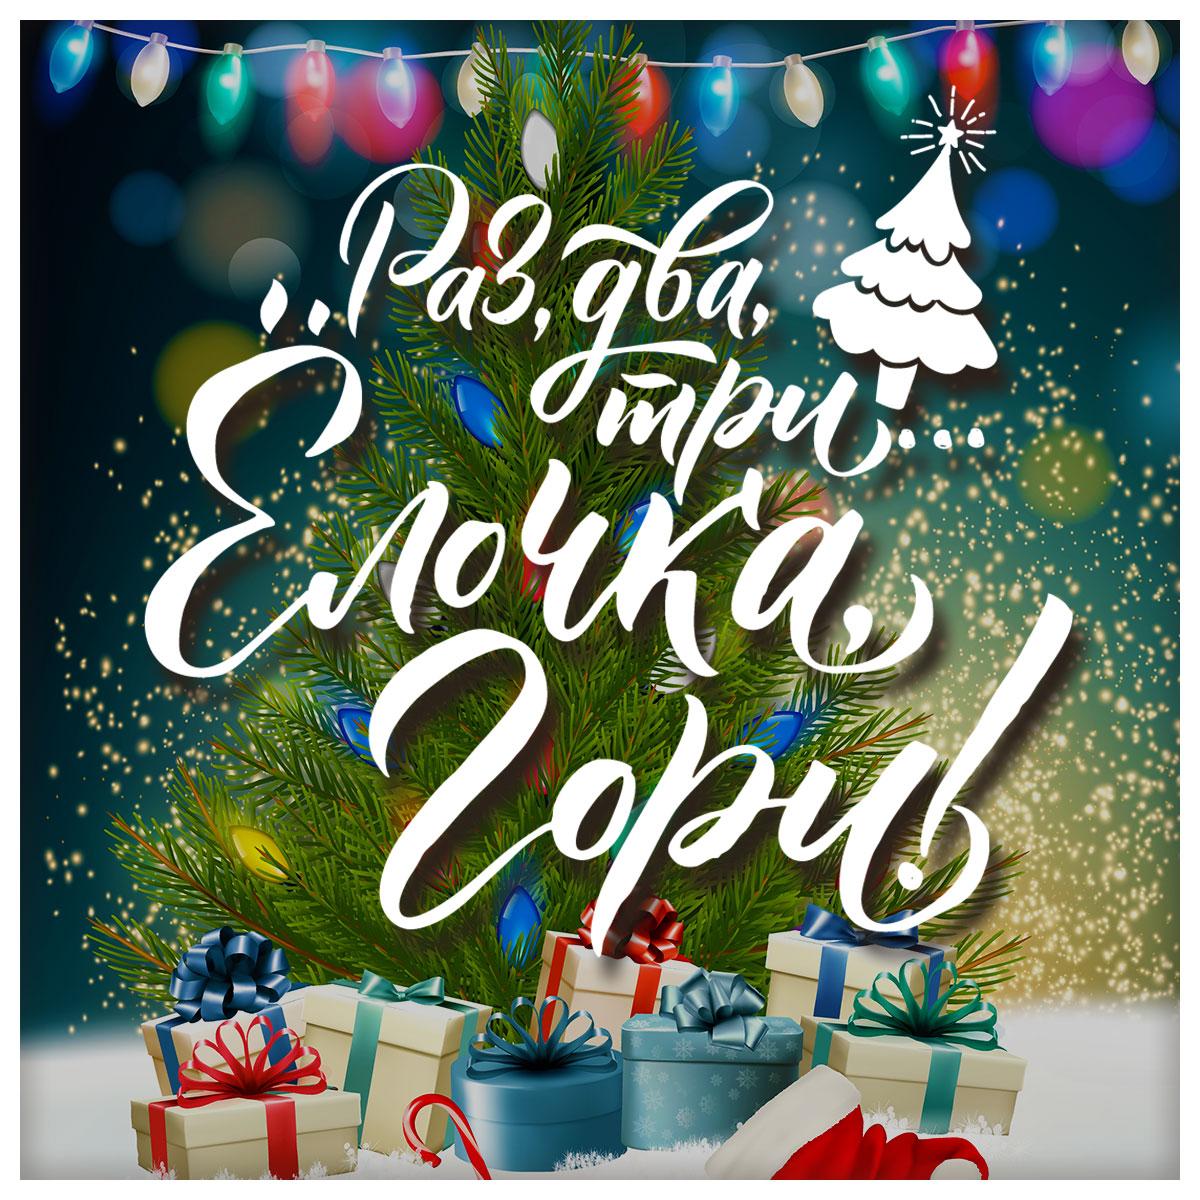 Картинка новогодней елки на поздравительной открытке с каллиграфическим текстом с разноцветными коробками для подарков и гирляндой.